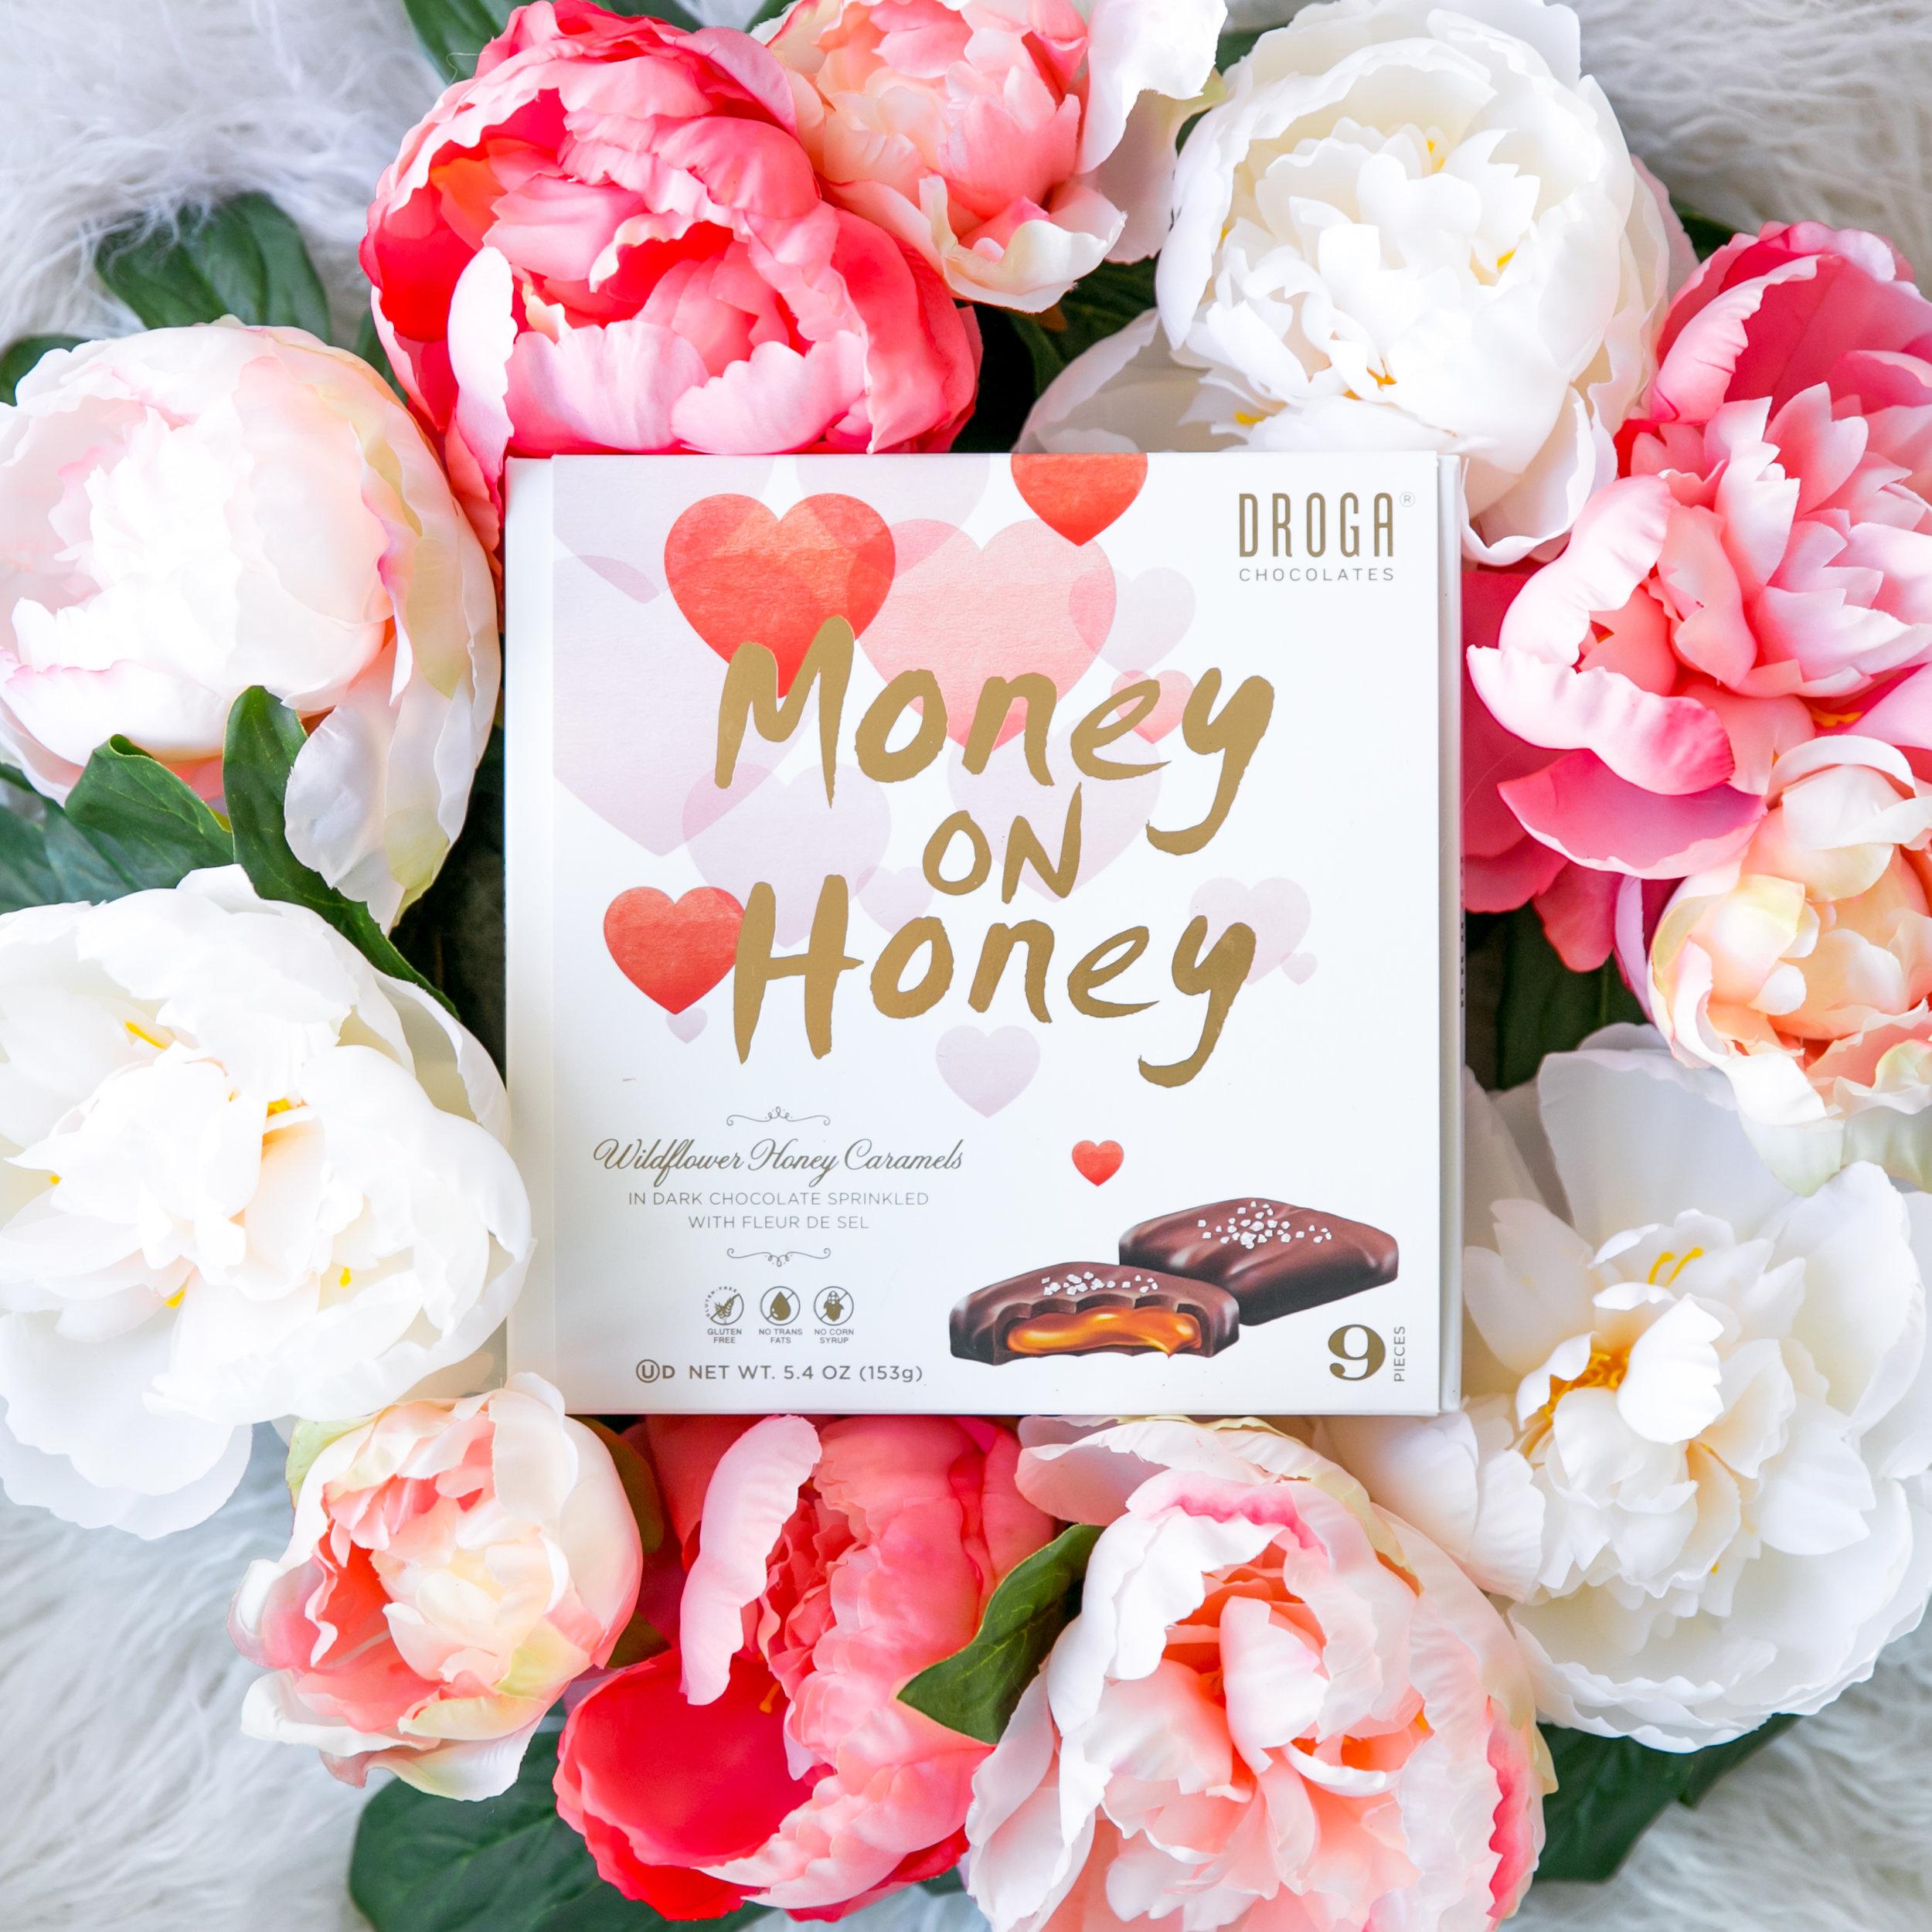 moneyonhoney-11.jpg